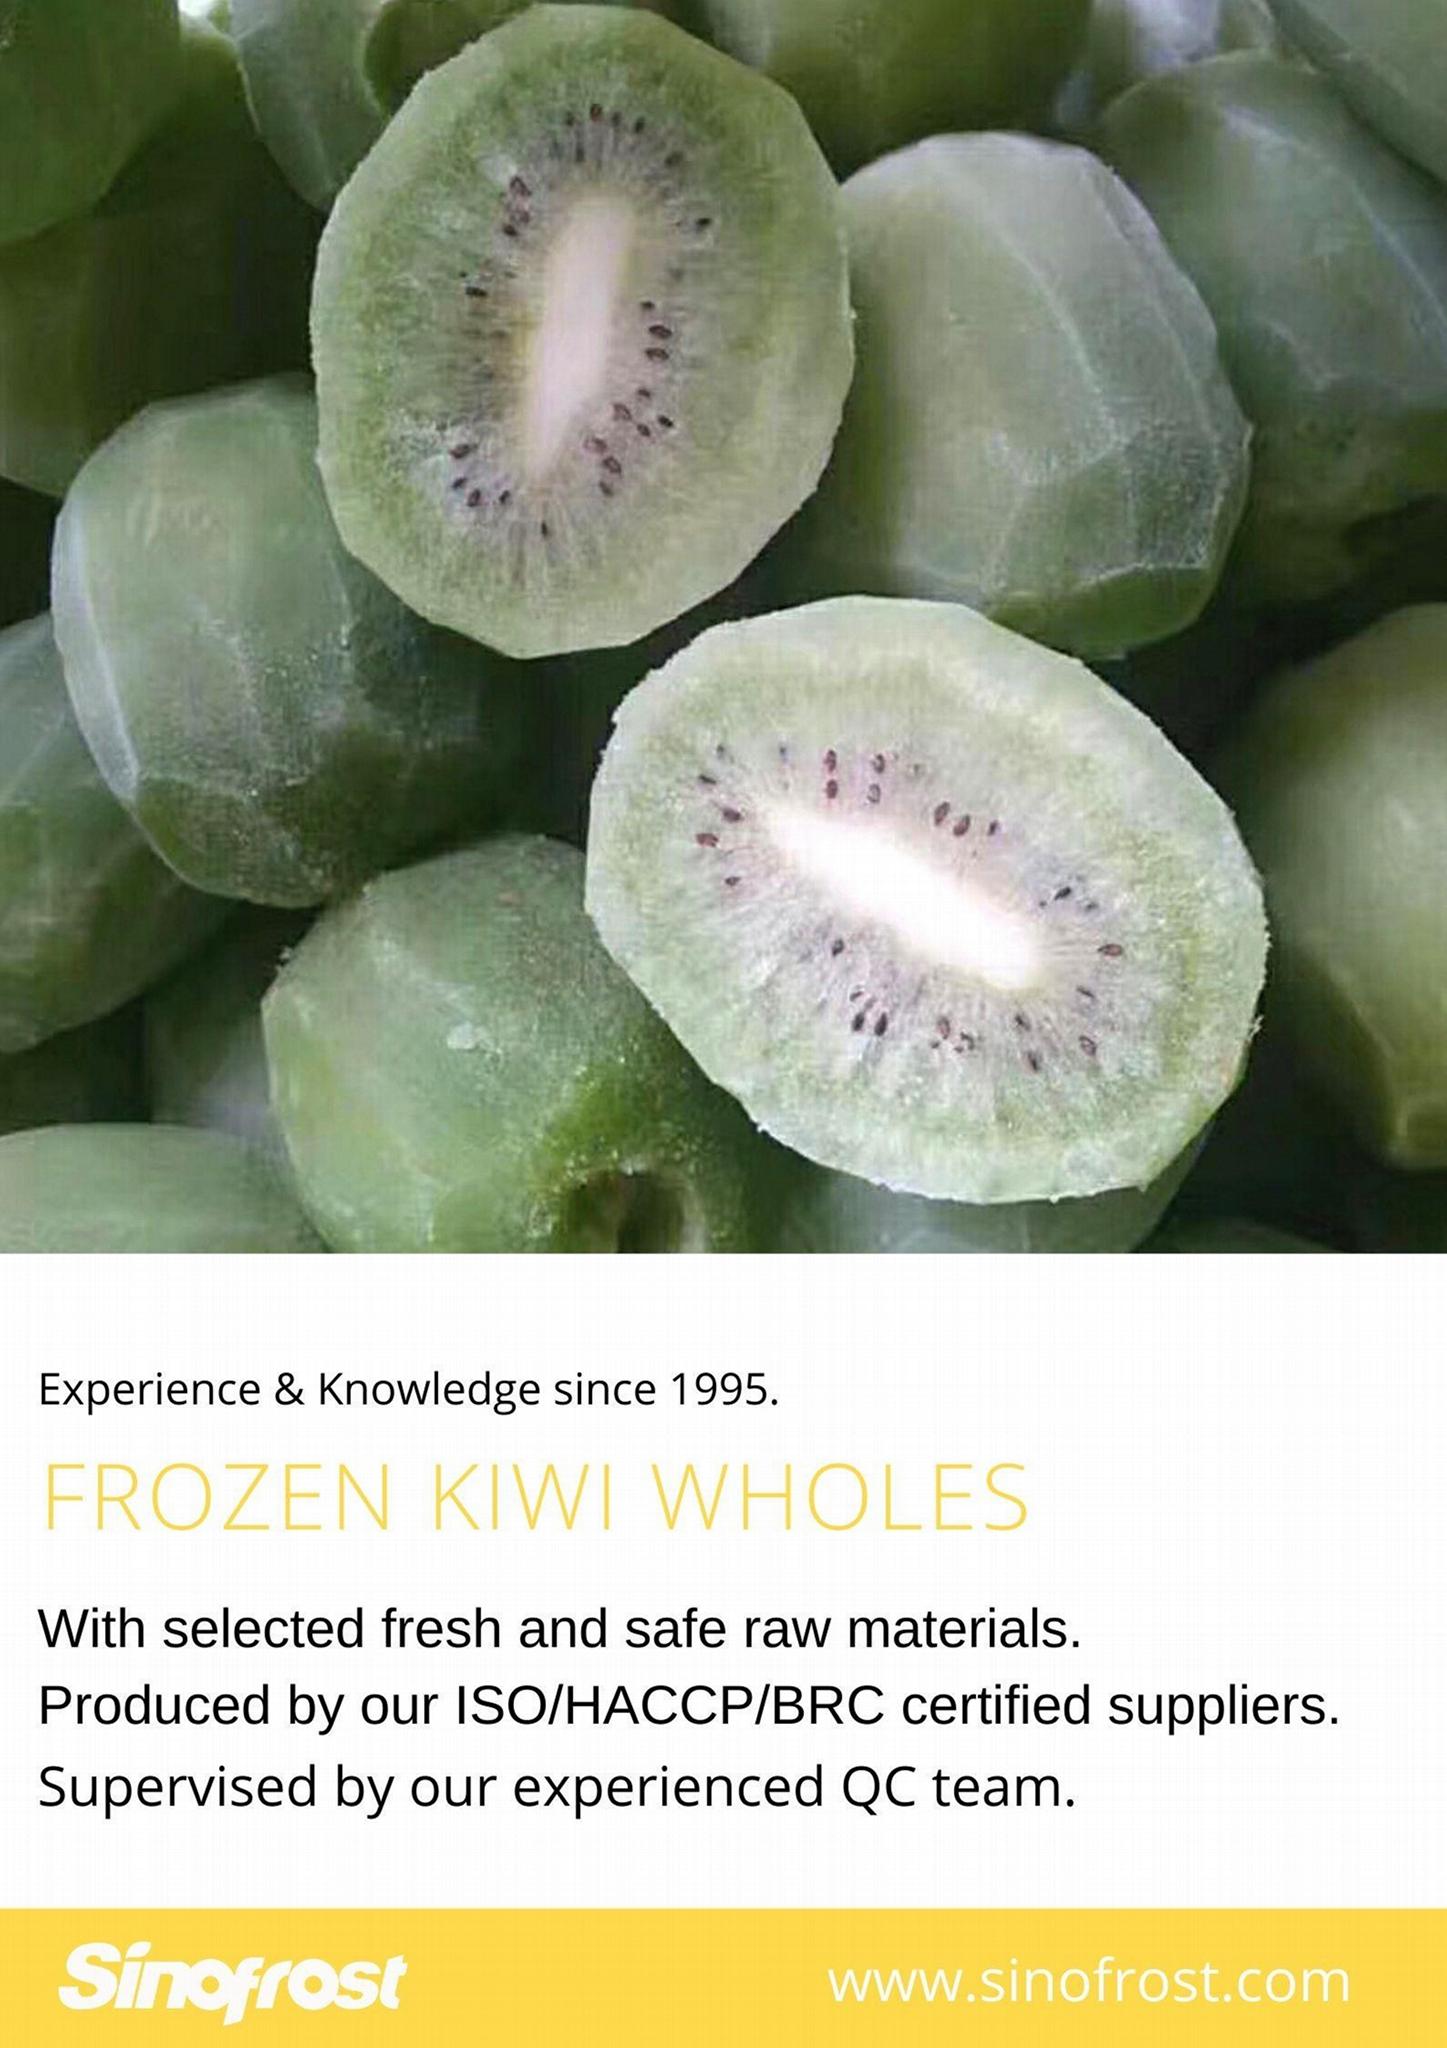 IQF Sliced Kiwi ,Frozen Sliced Kiwi,IQF Kiwi Slices,Frozen Kiwi Slices 10